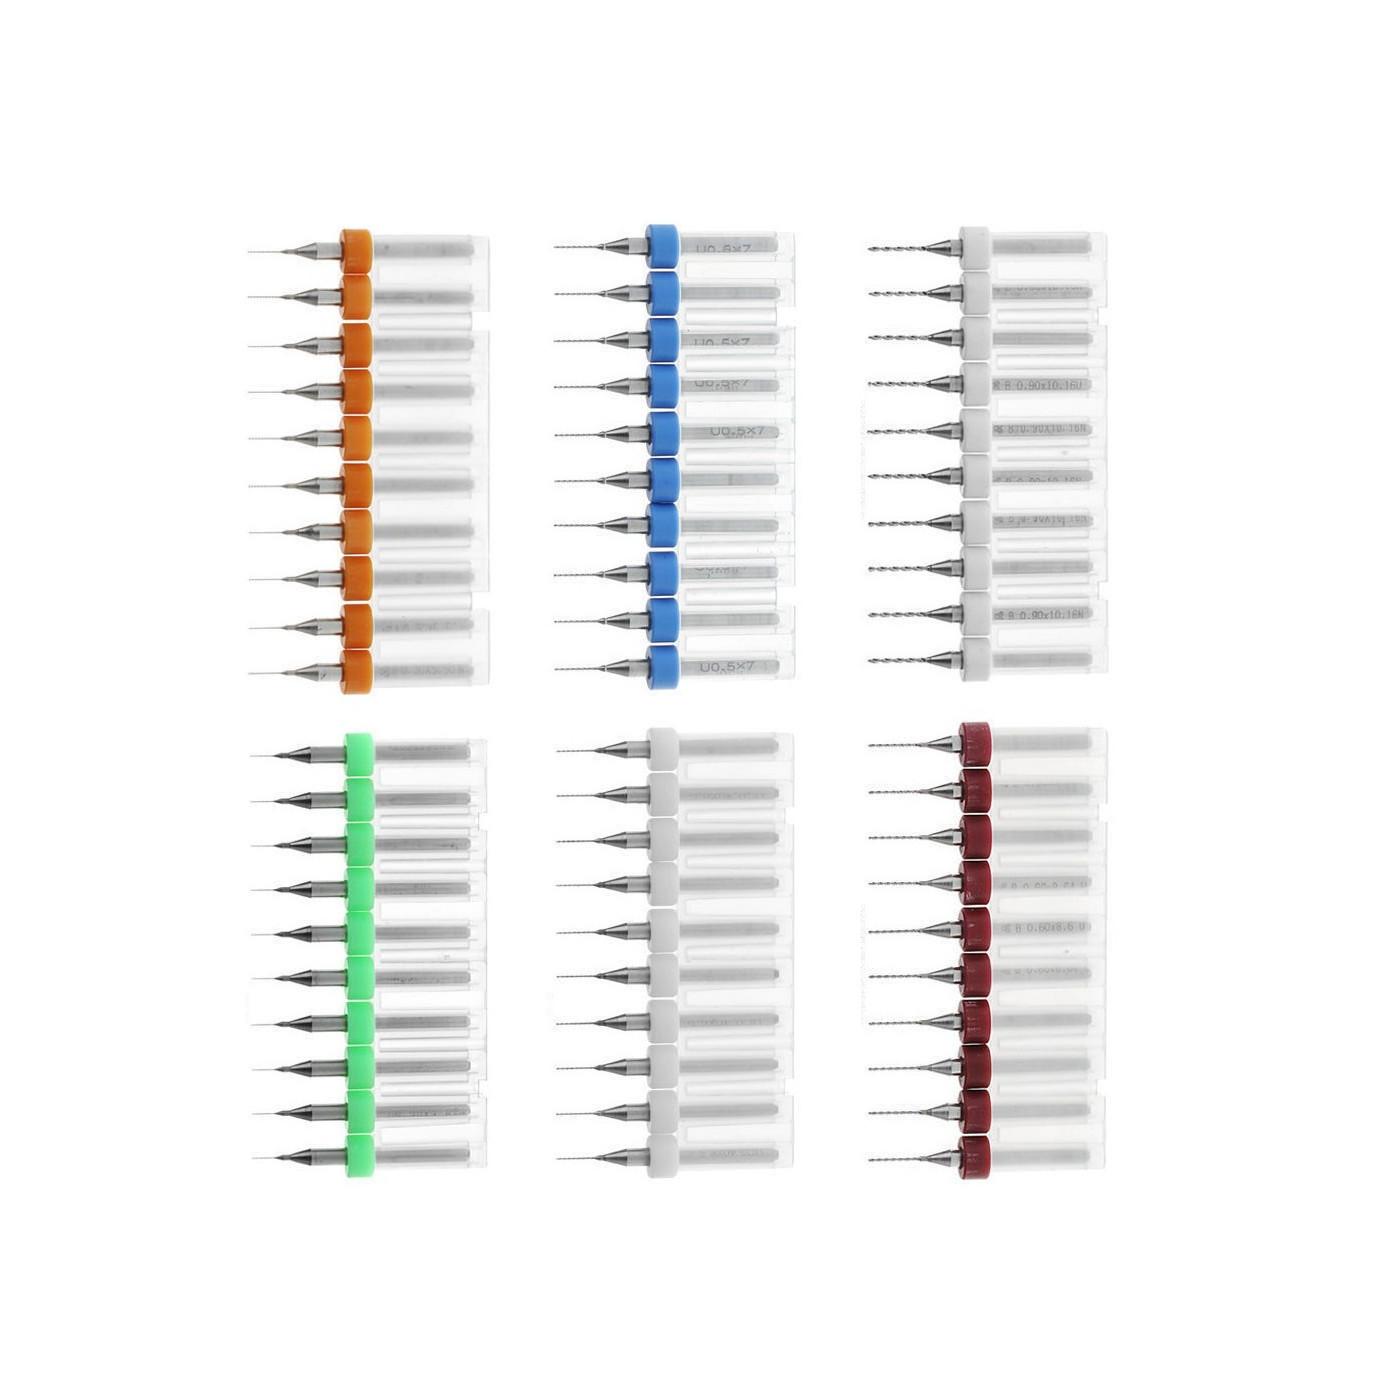 Ensemble de 10 micro forets dans une boîte (1,50 mm)  - 1